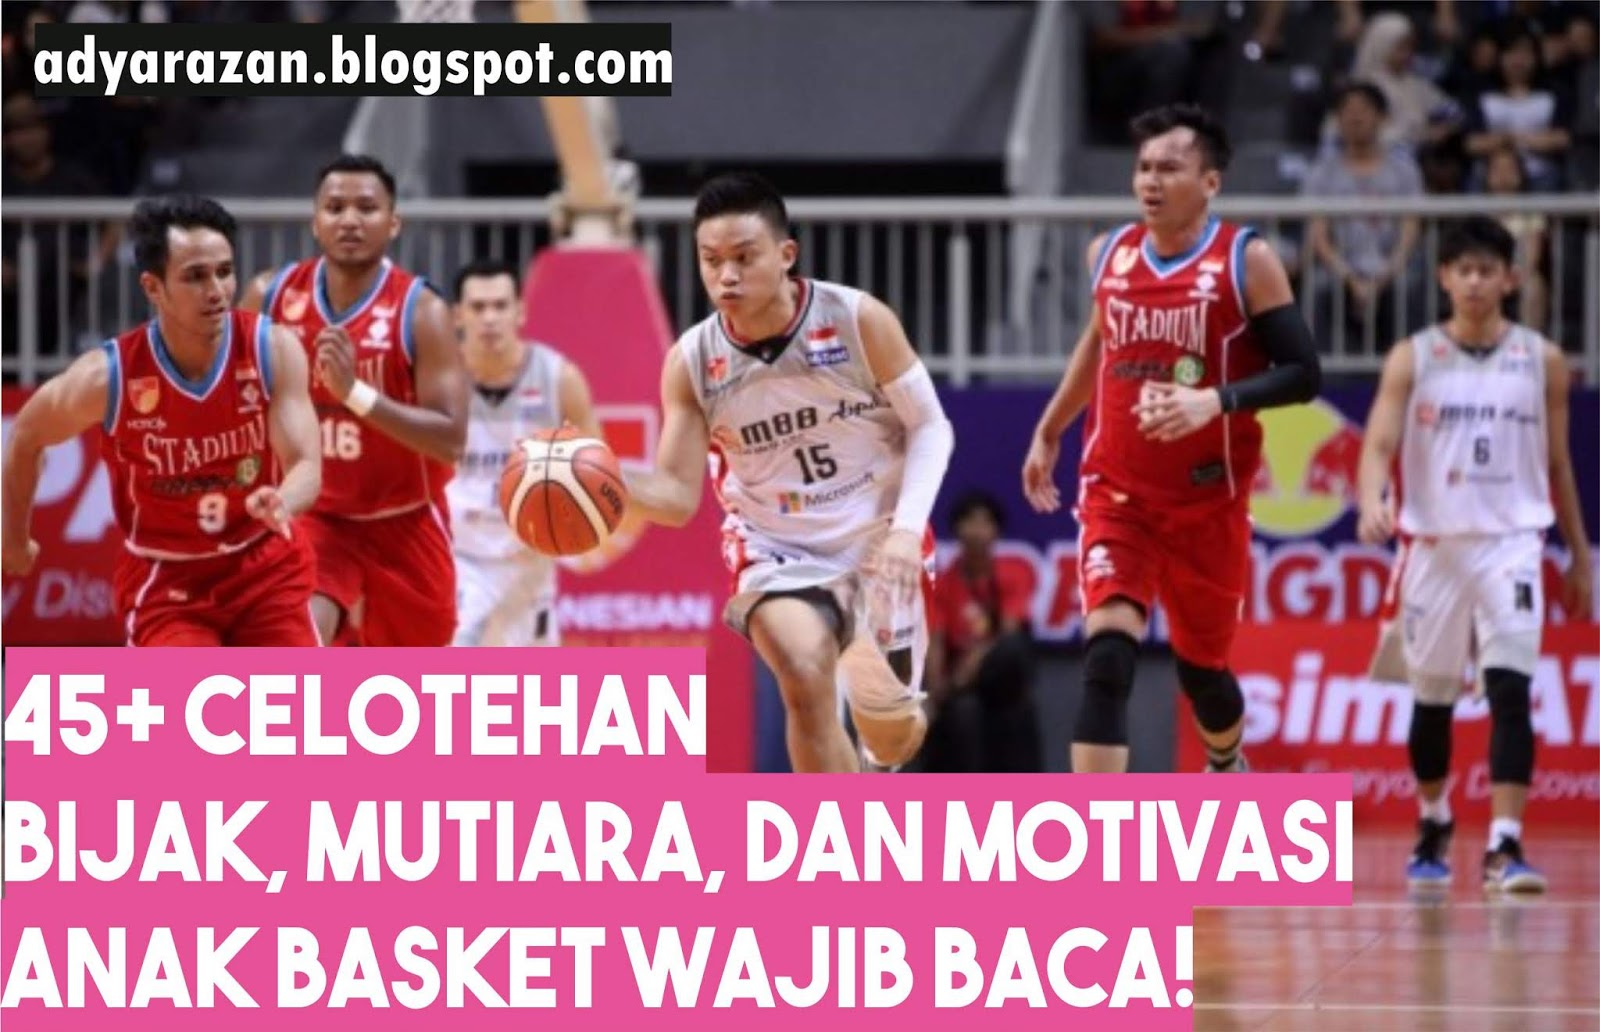 45 Celotehan Bijak Mutiara Dan Motivasi Anak Basket Adya Razan